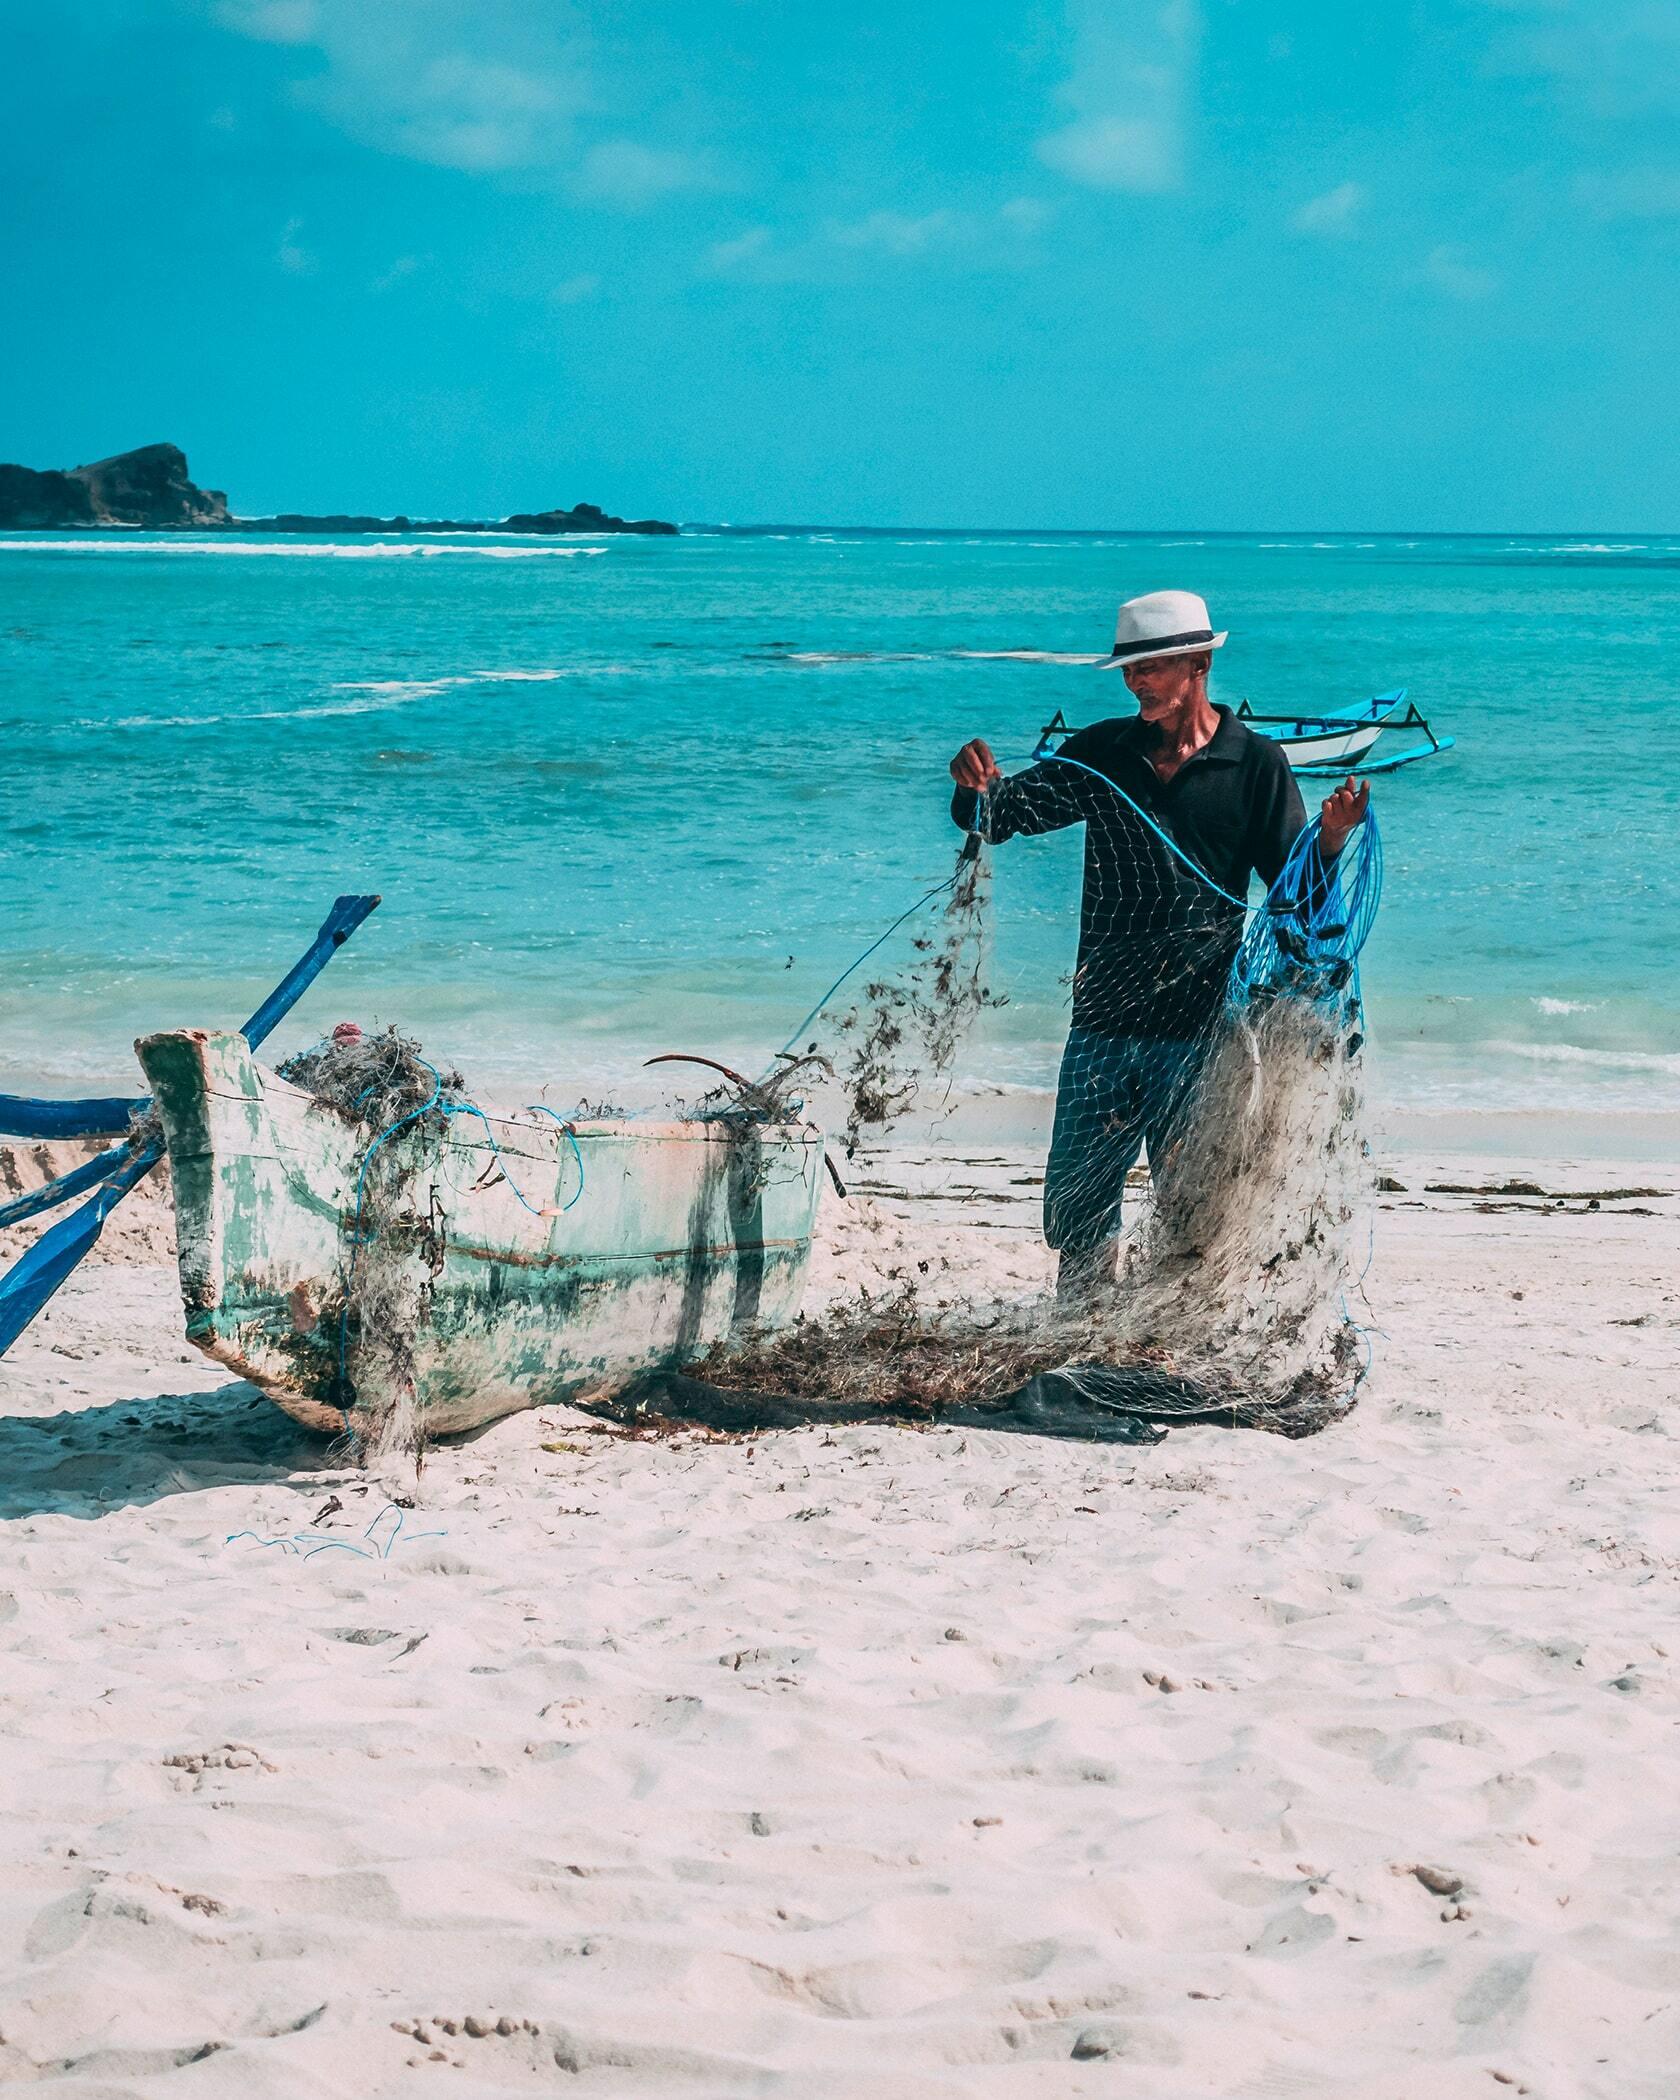 Foto van visserman aan het werk op het strand in Indonesië uit fotografie collectie mensen van Simon Wijers